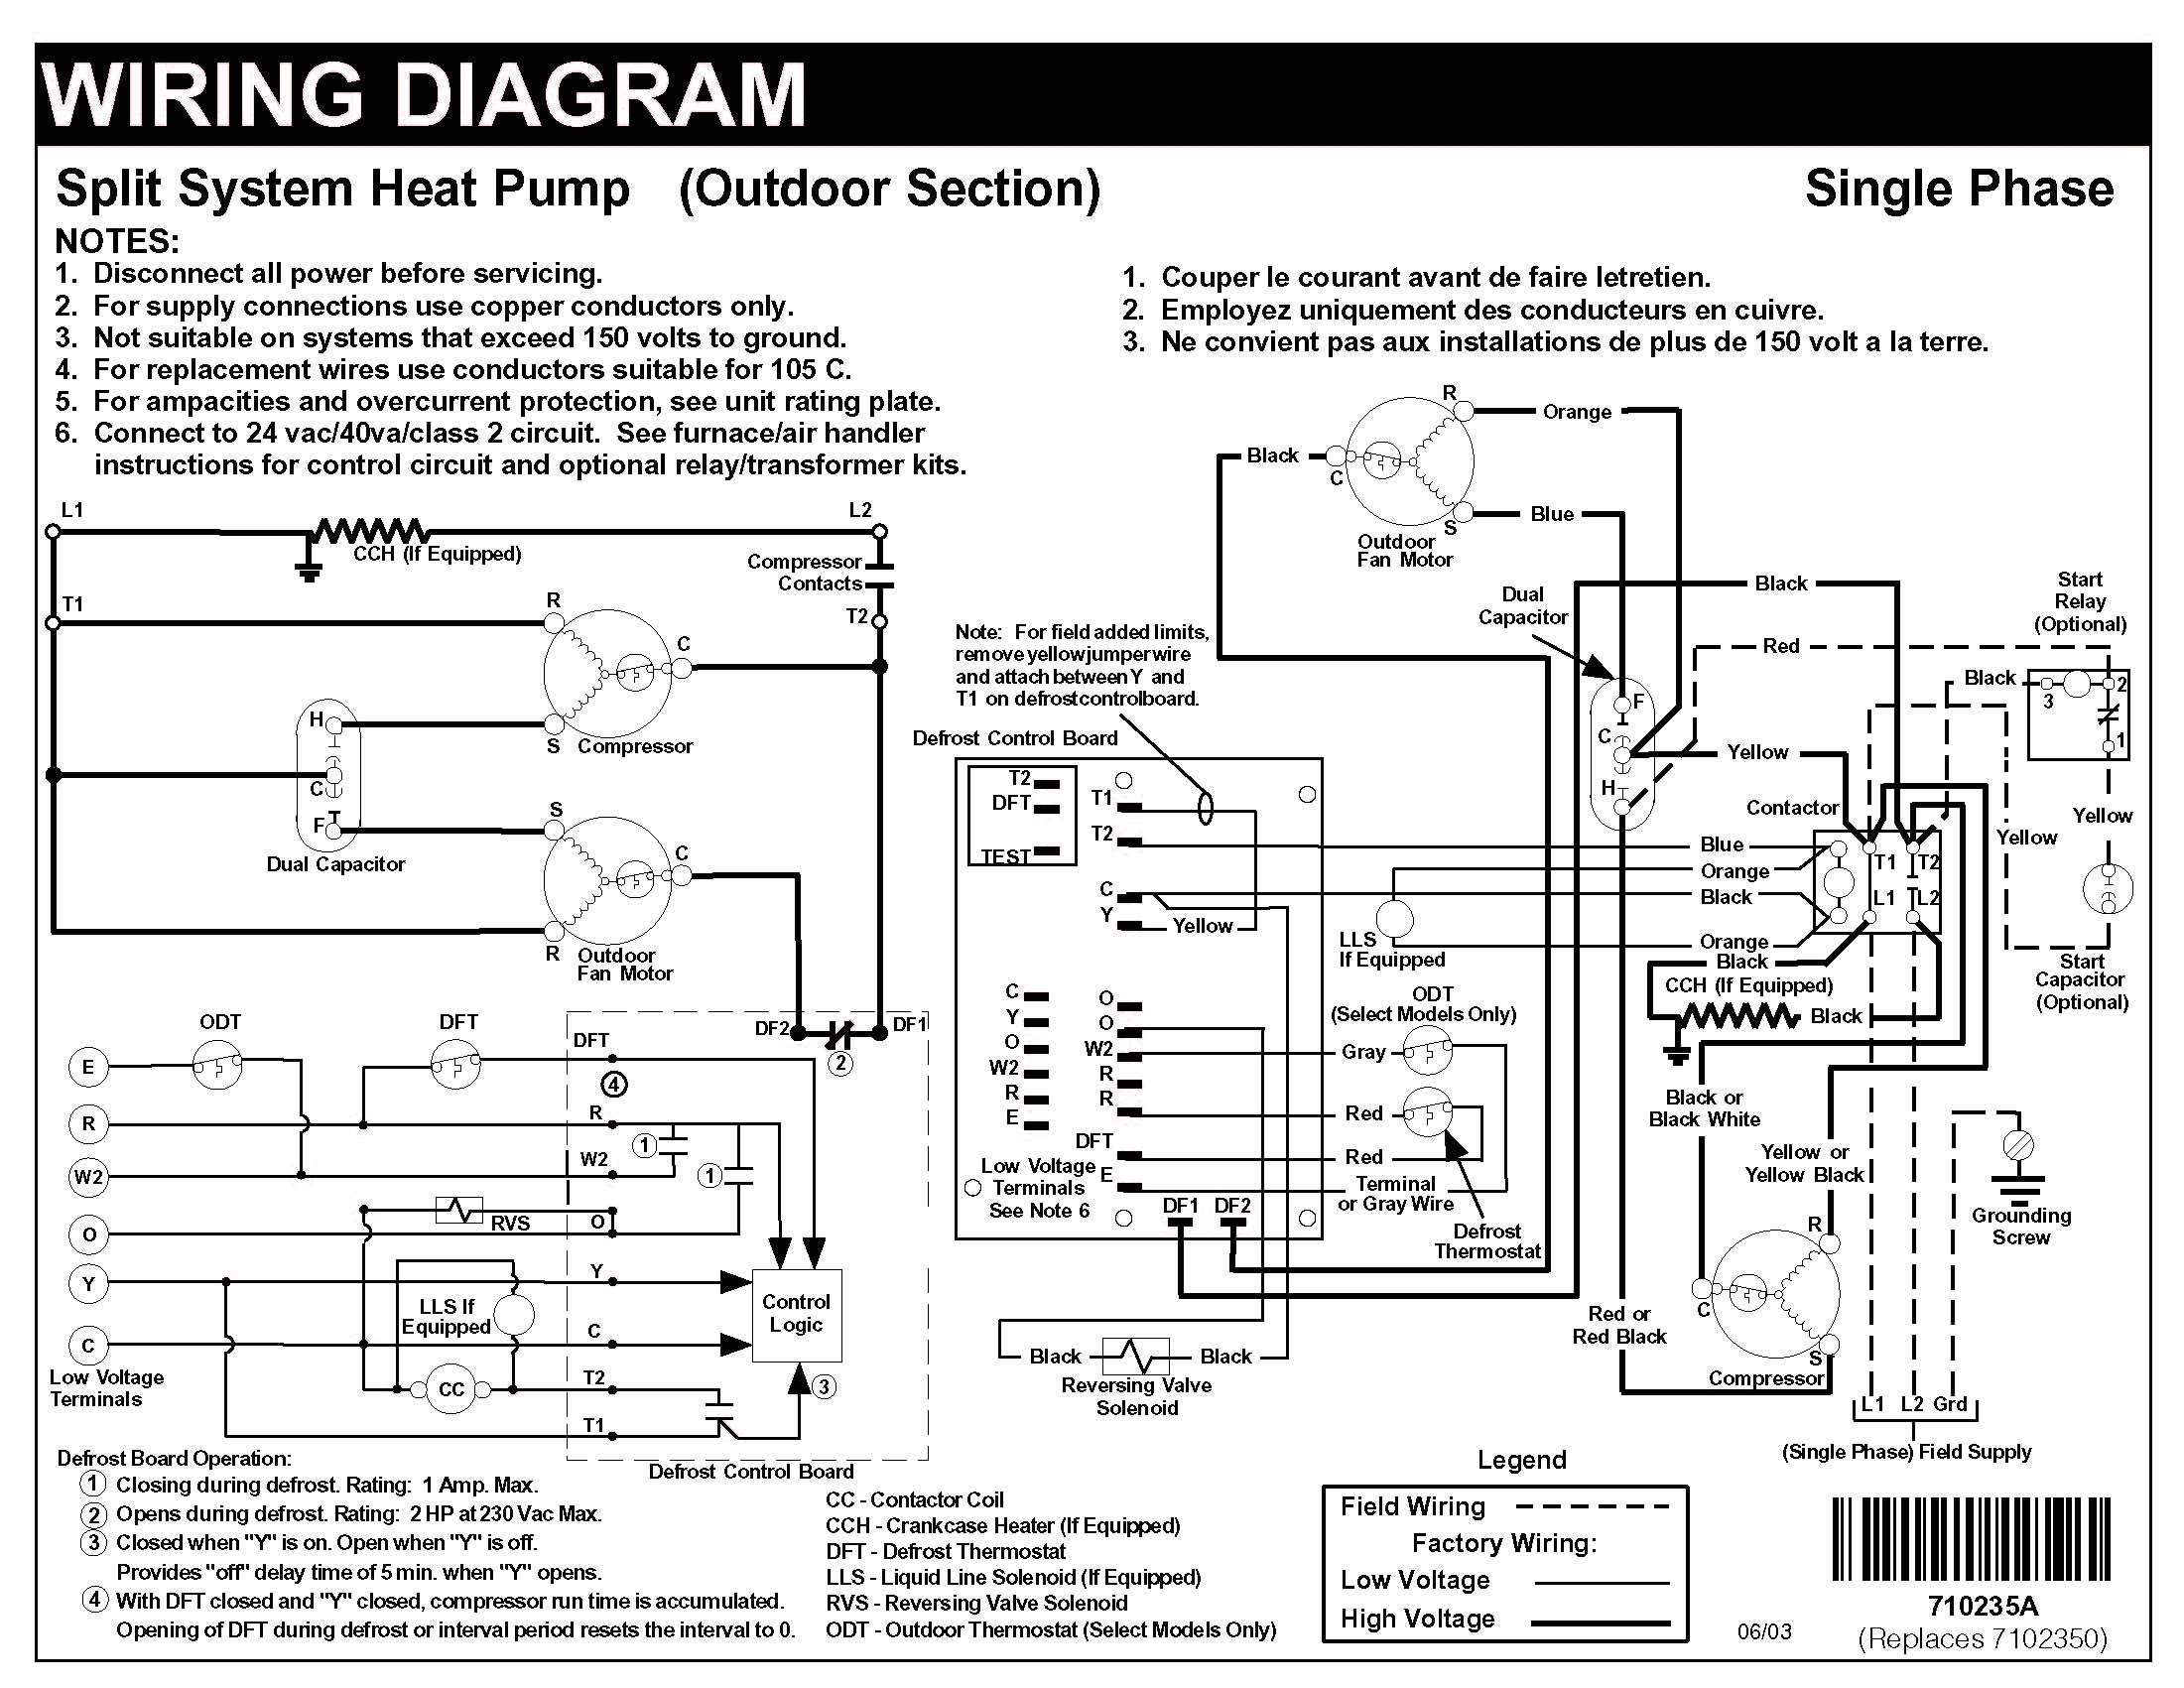 Heat Pump Wiring Schematic - Data Wiring Diagram Today - Heat Pump Wiring Diagram